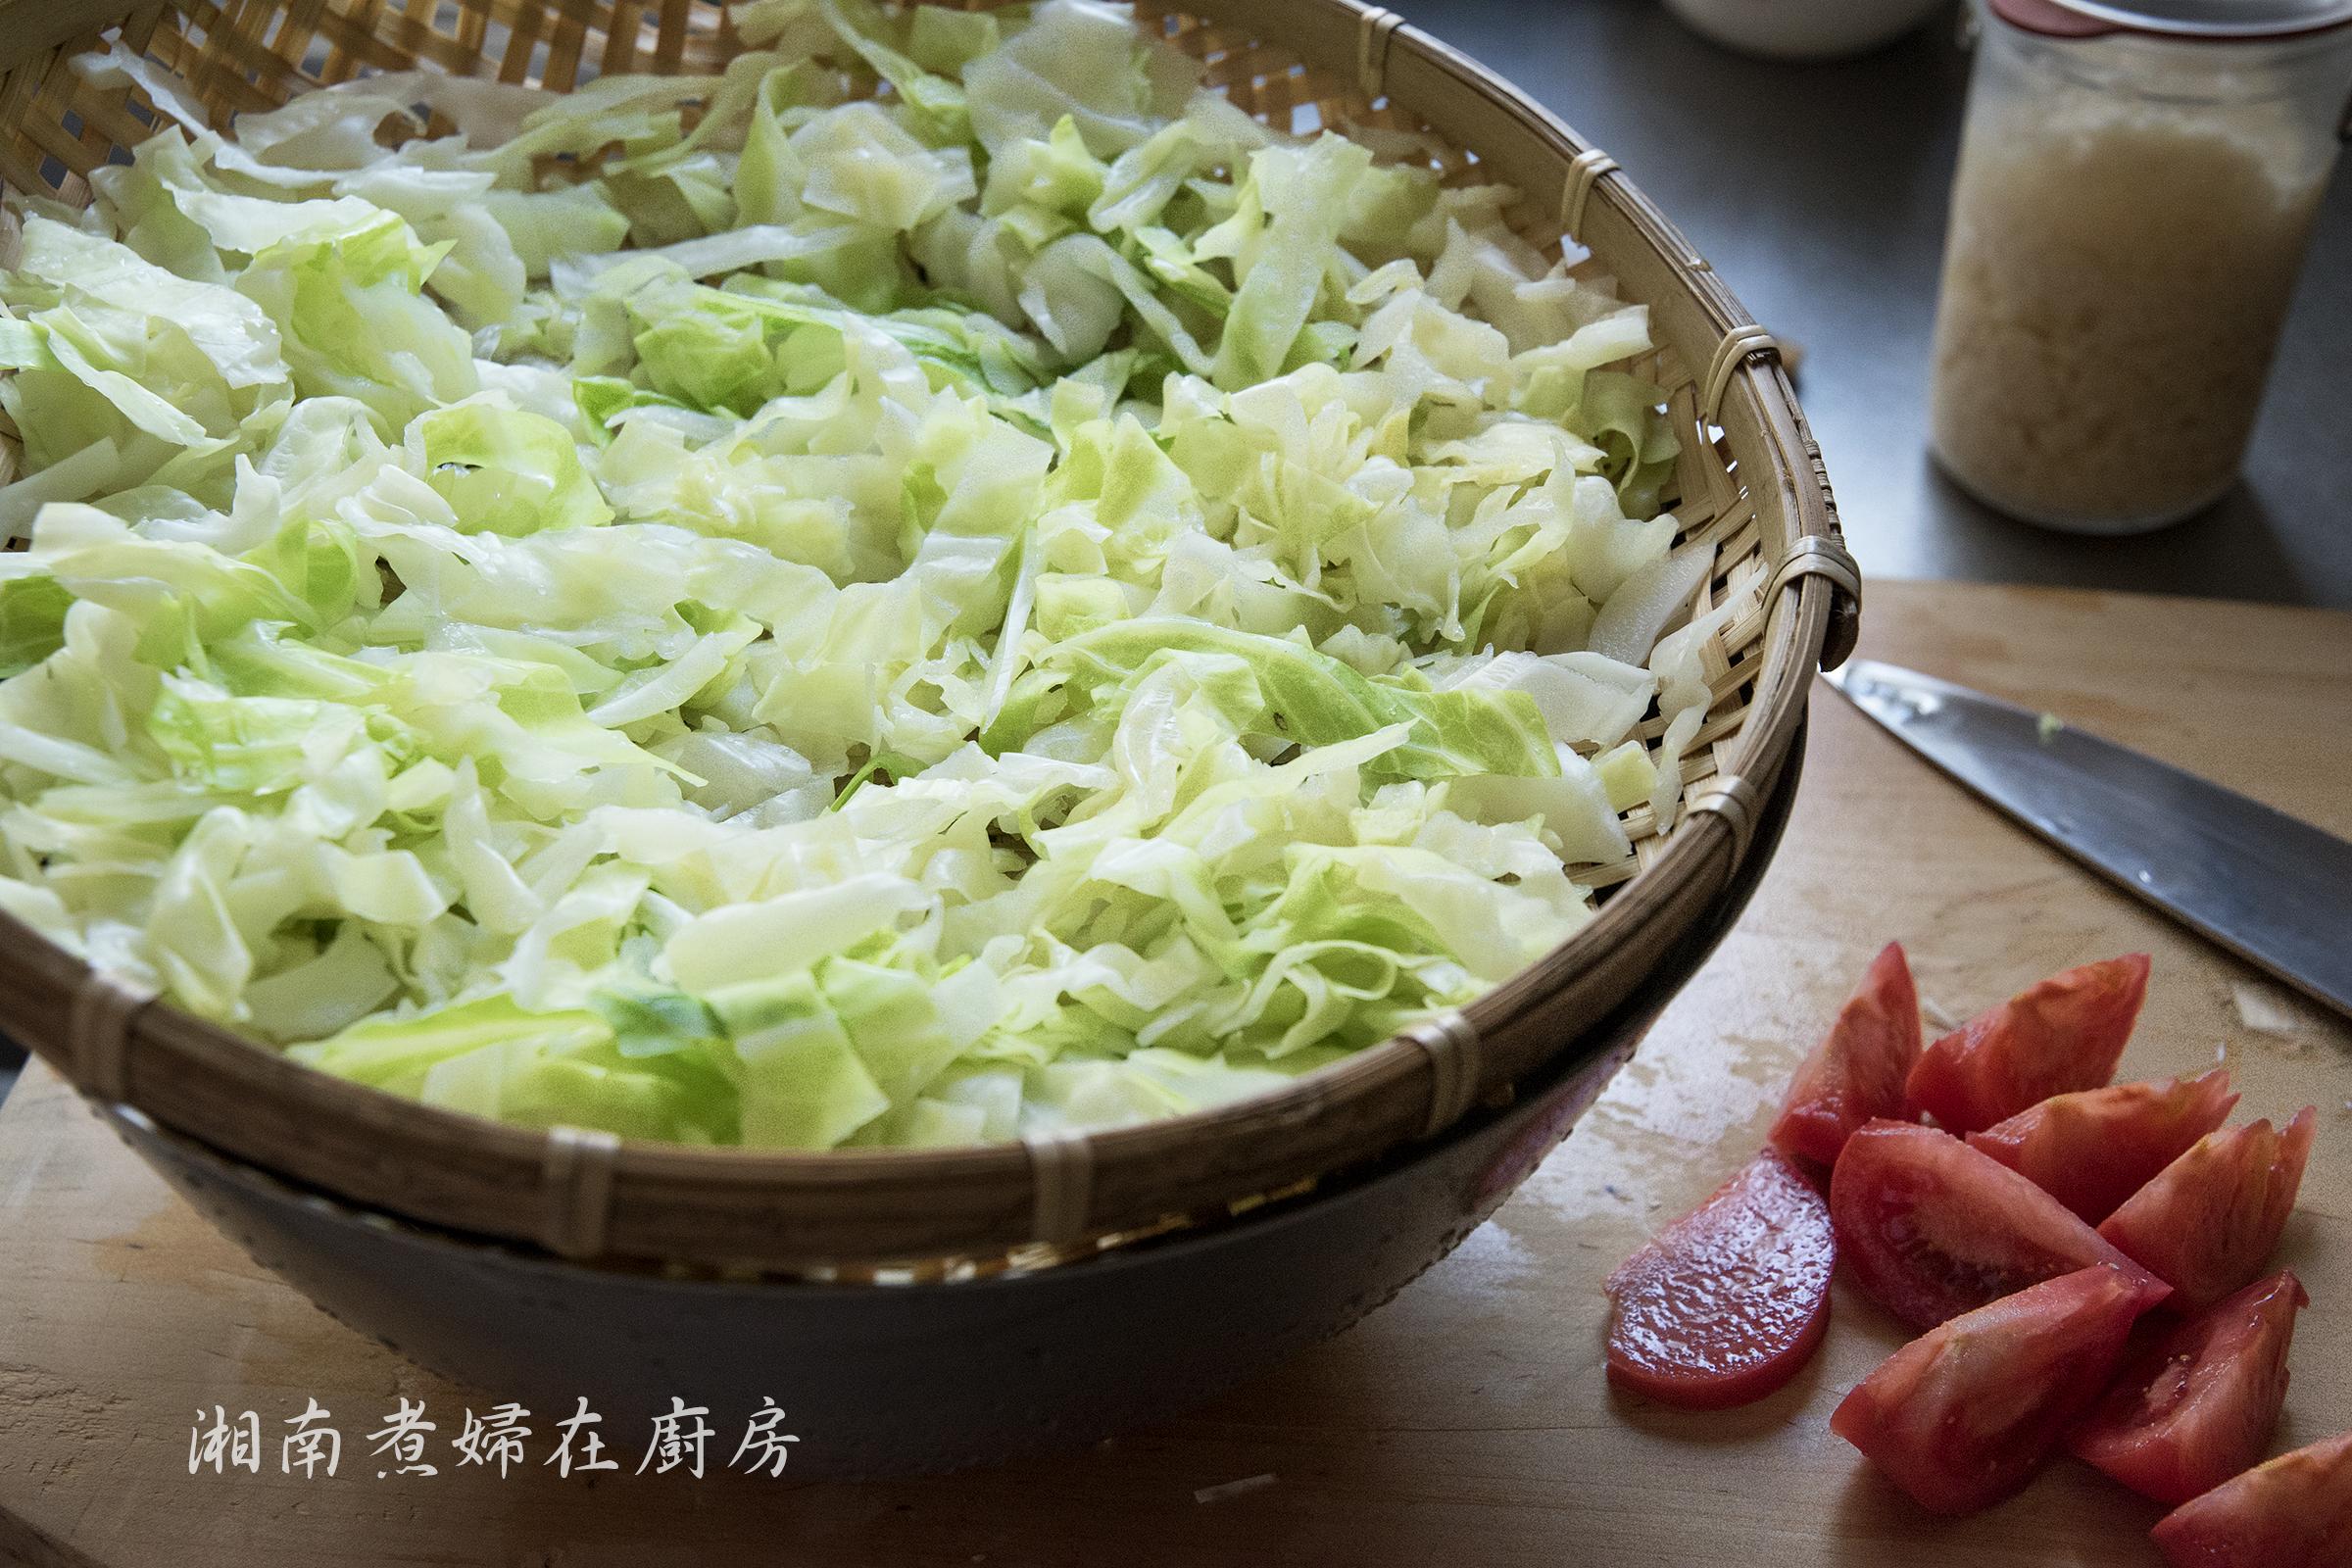 cabbageSalad_DSC_7014